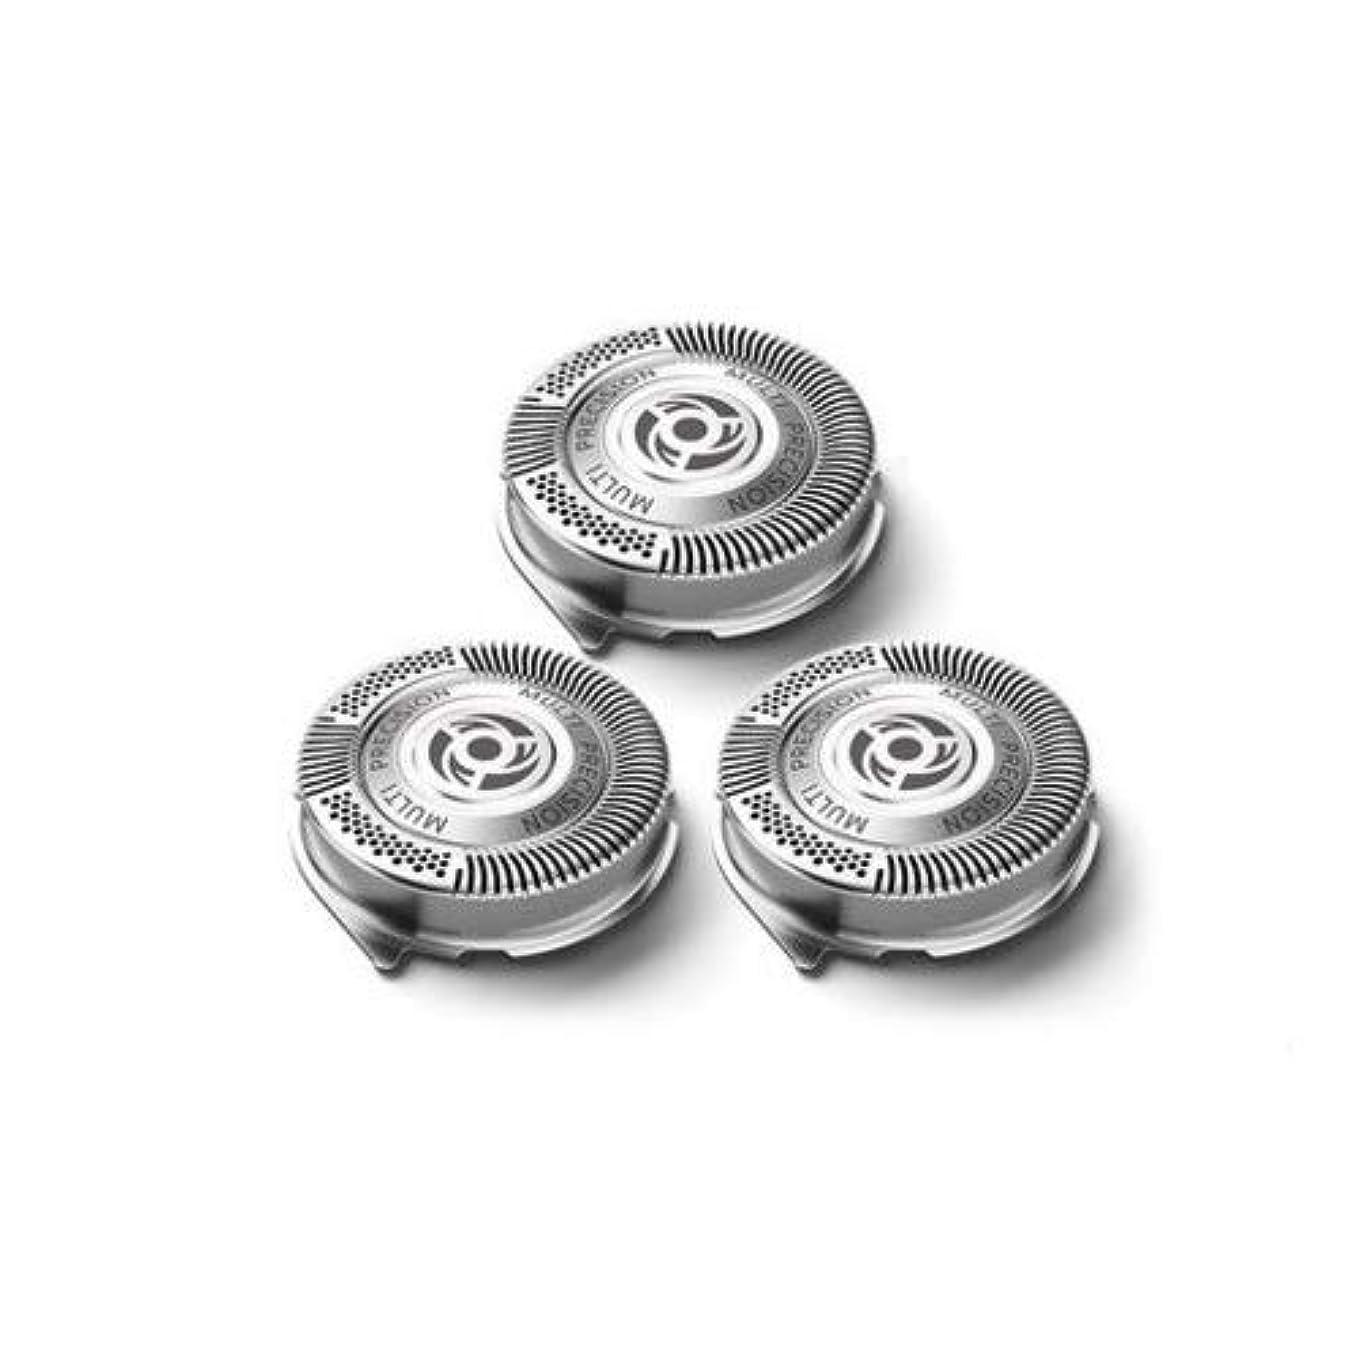 身元口径メロドラマティックシェーバーカミソリヘッド交換 替え刃 に適用するPhilips SH50 DualPrecisionヘッド(3個)